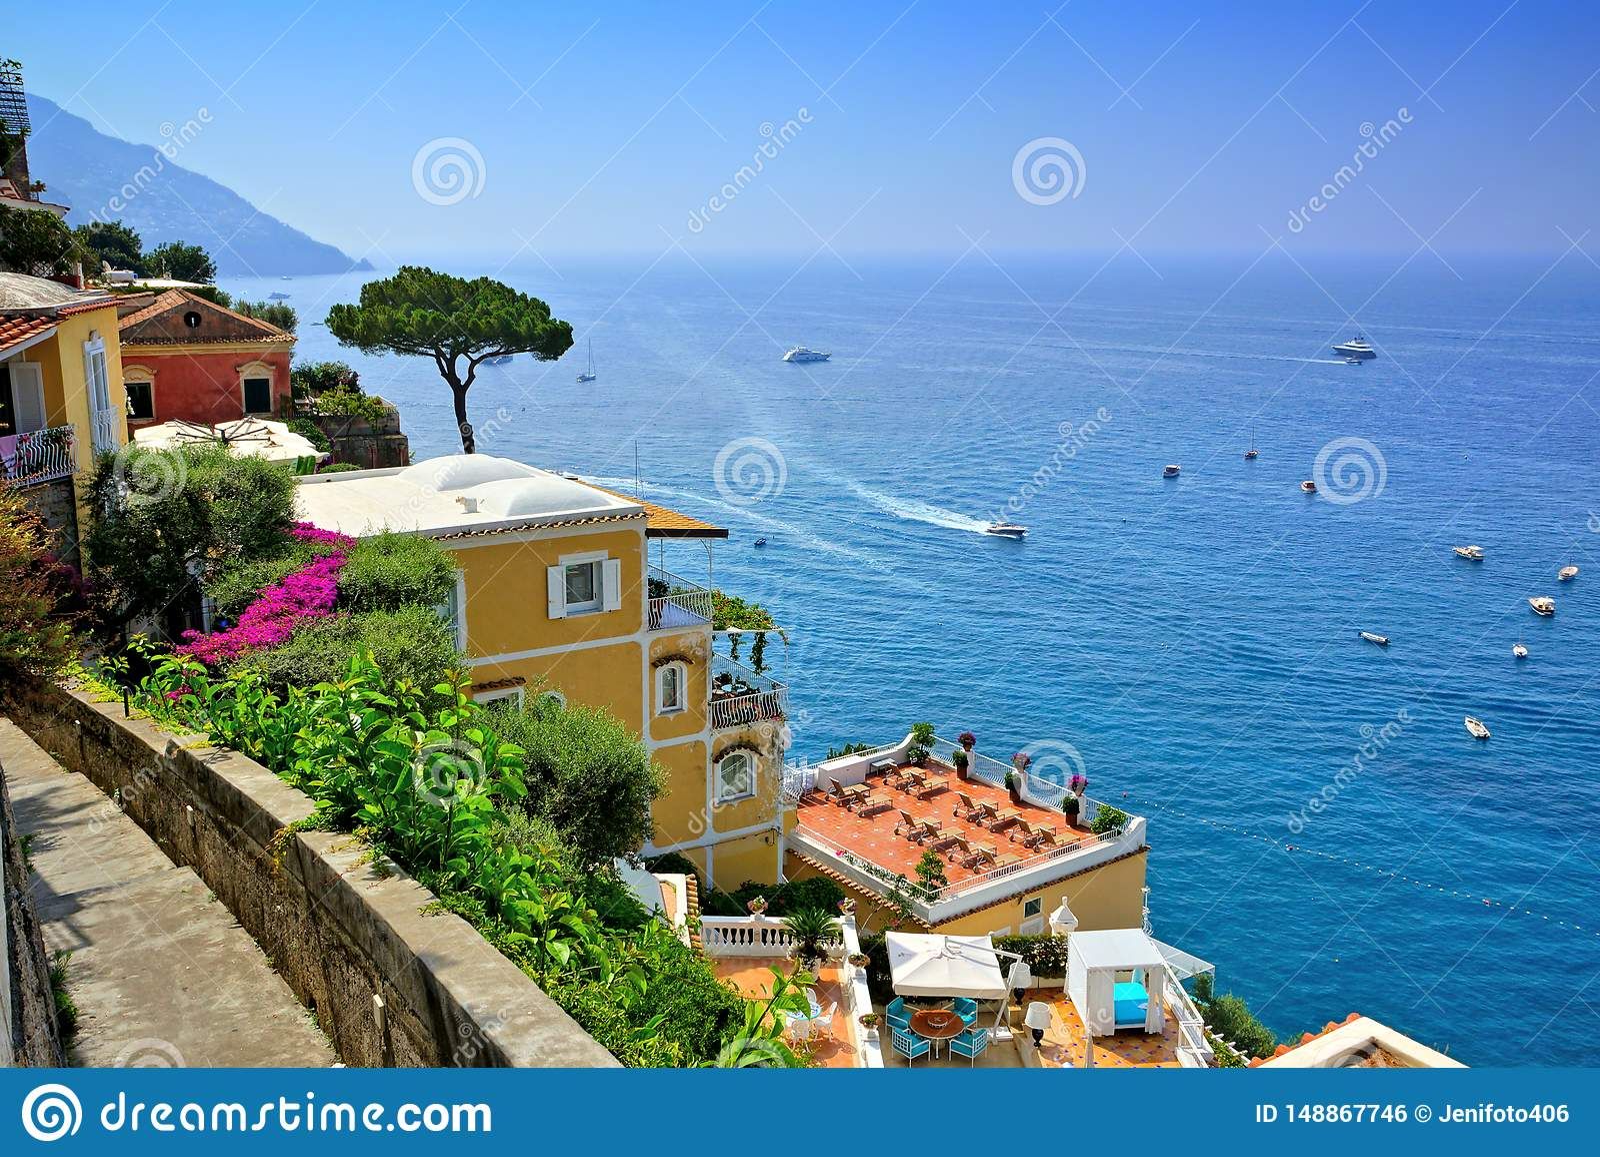 Foto Di Ville Lussuose positano lungo la costa di amalfi dell'italia, ville